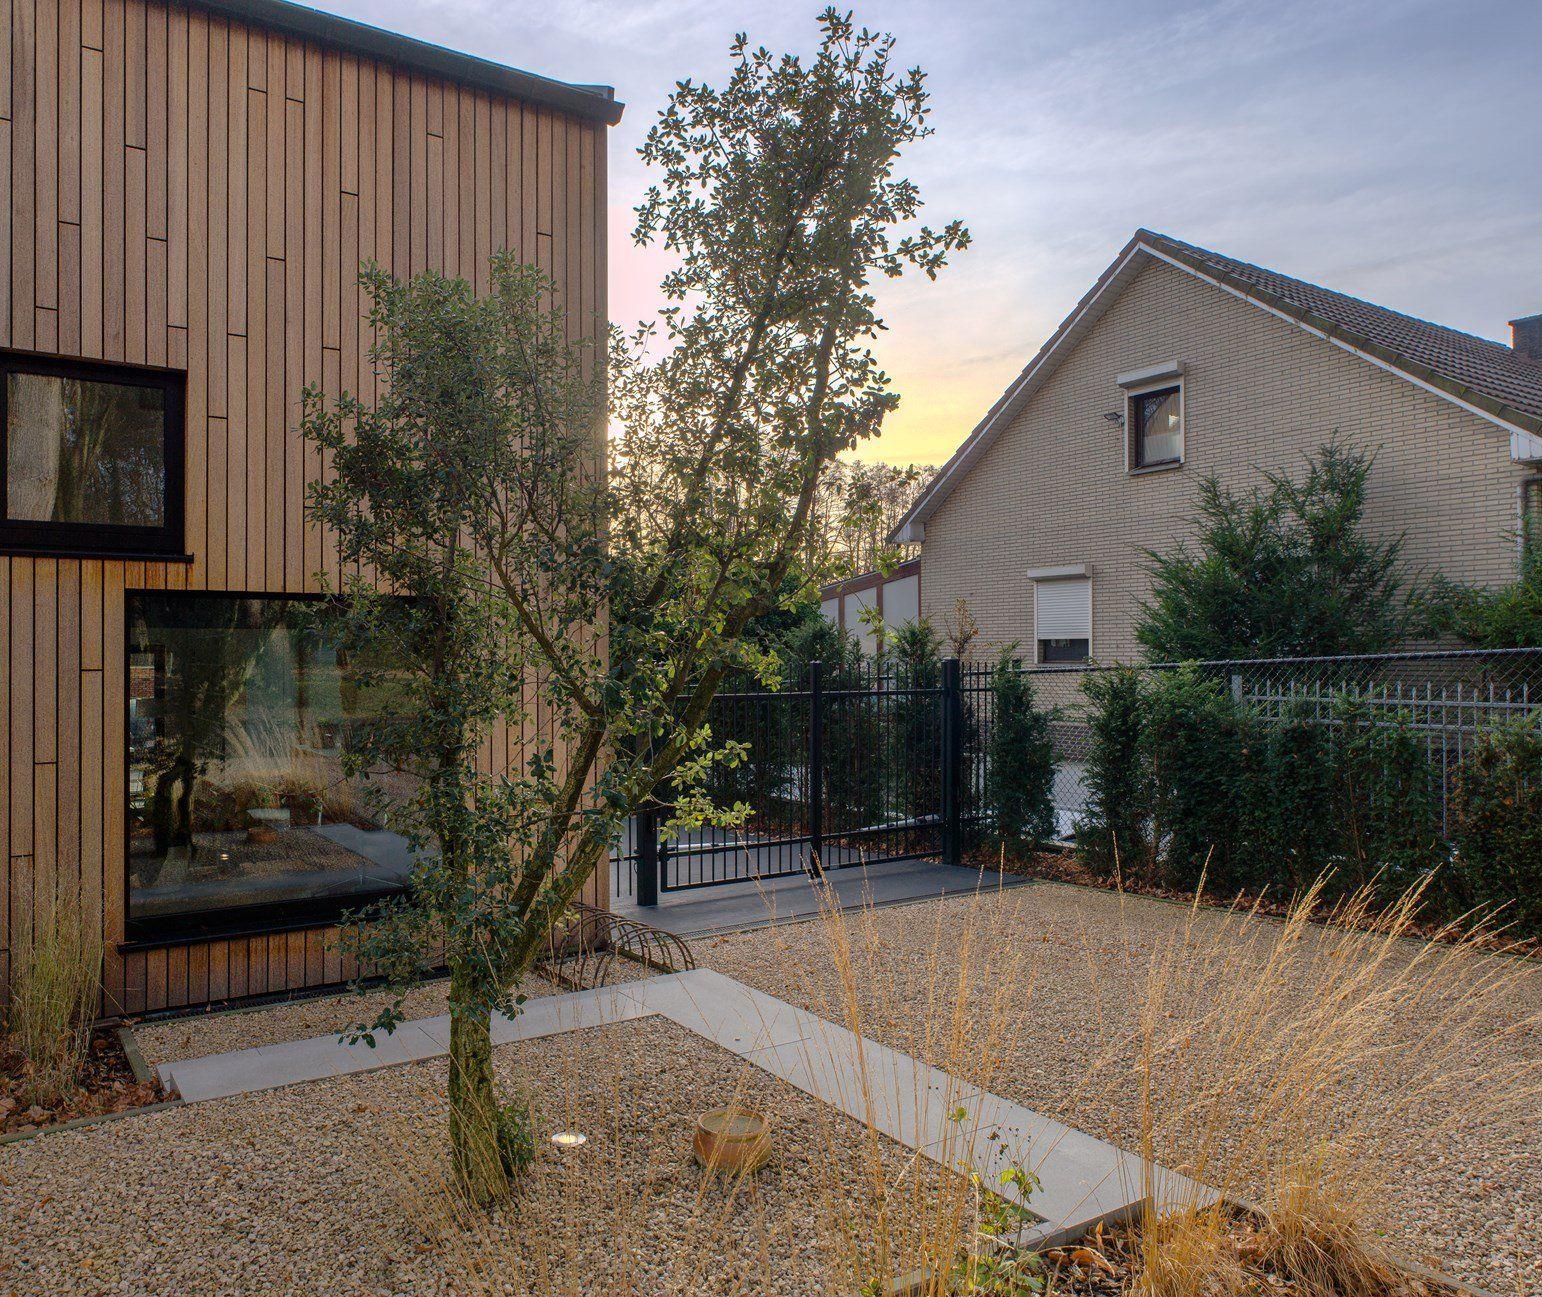 Elementi tecnologici e materiali sostenibili definiscono un progetto residenziale in Belgio